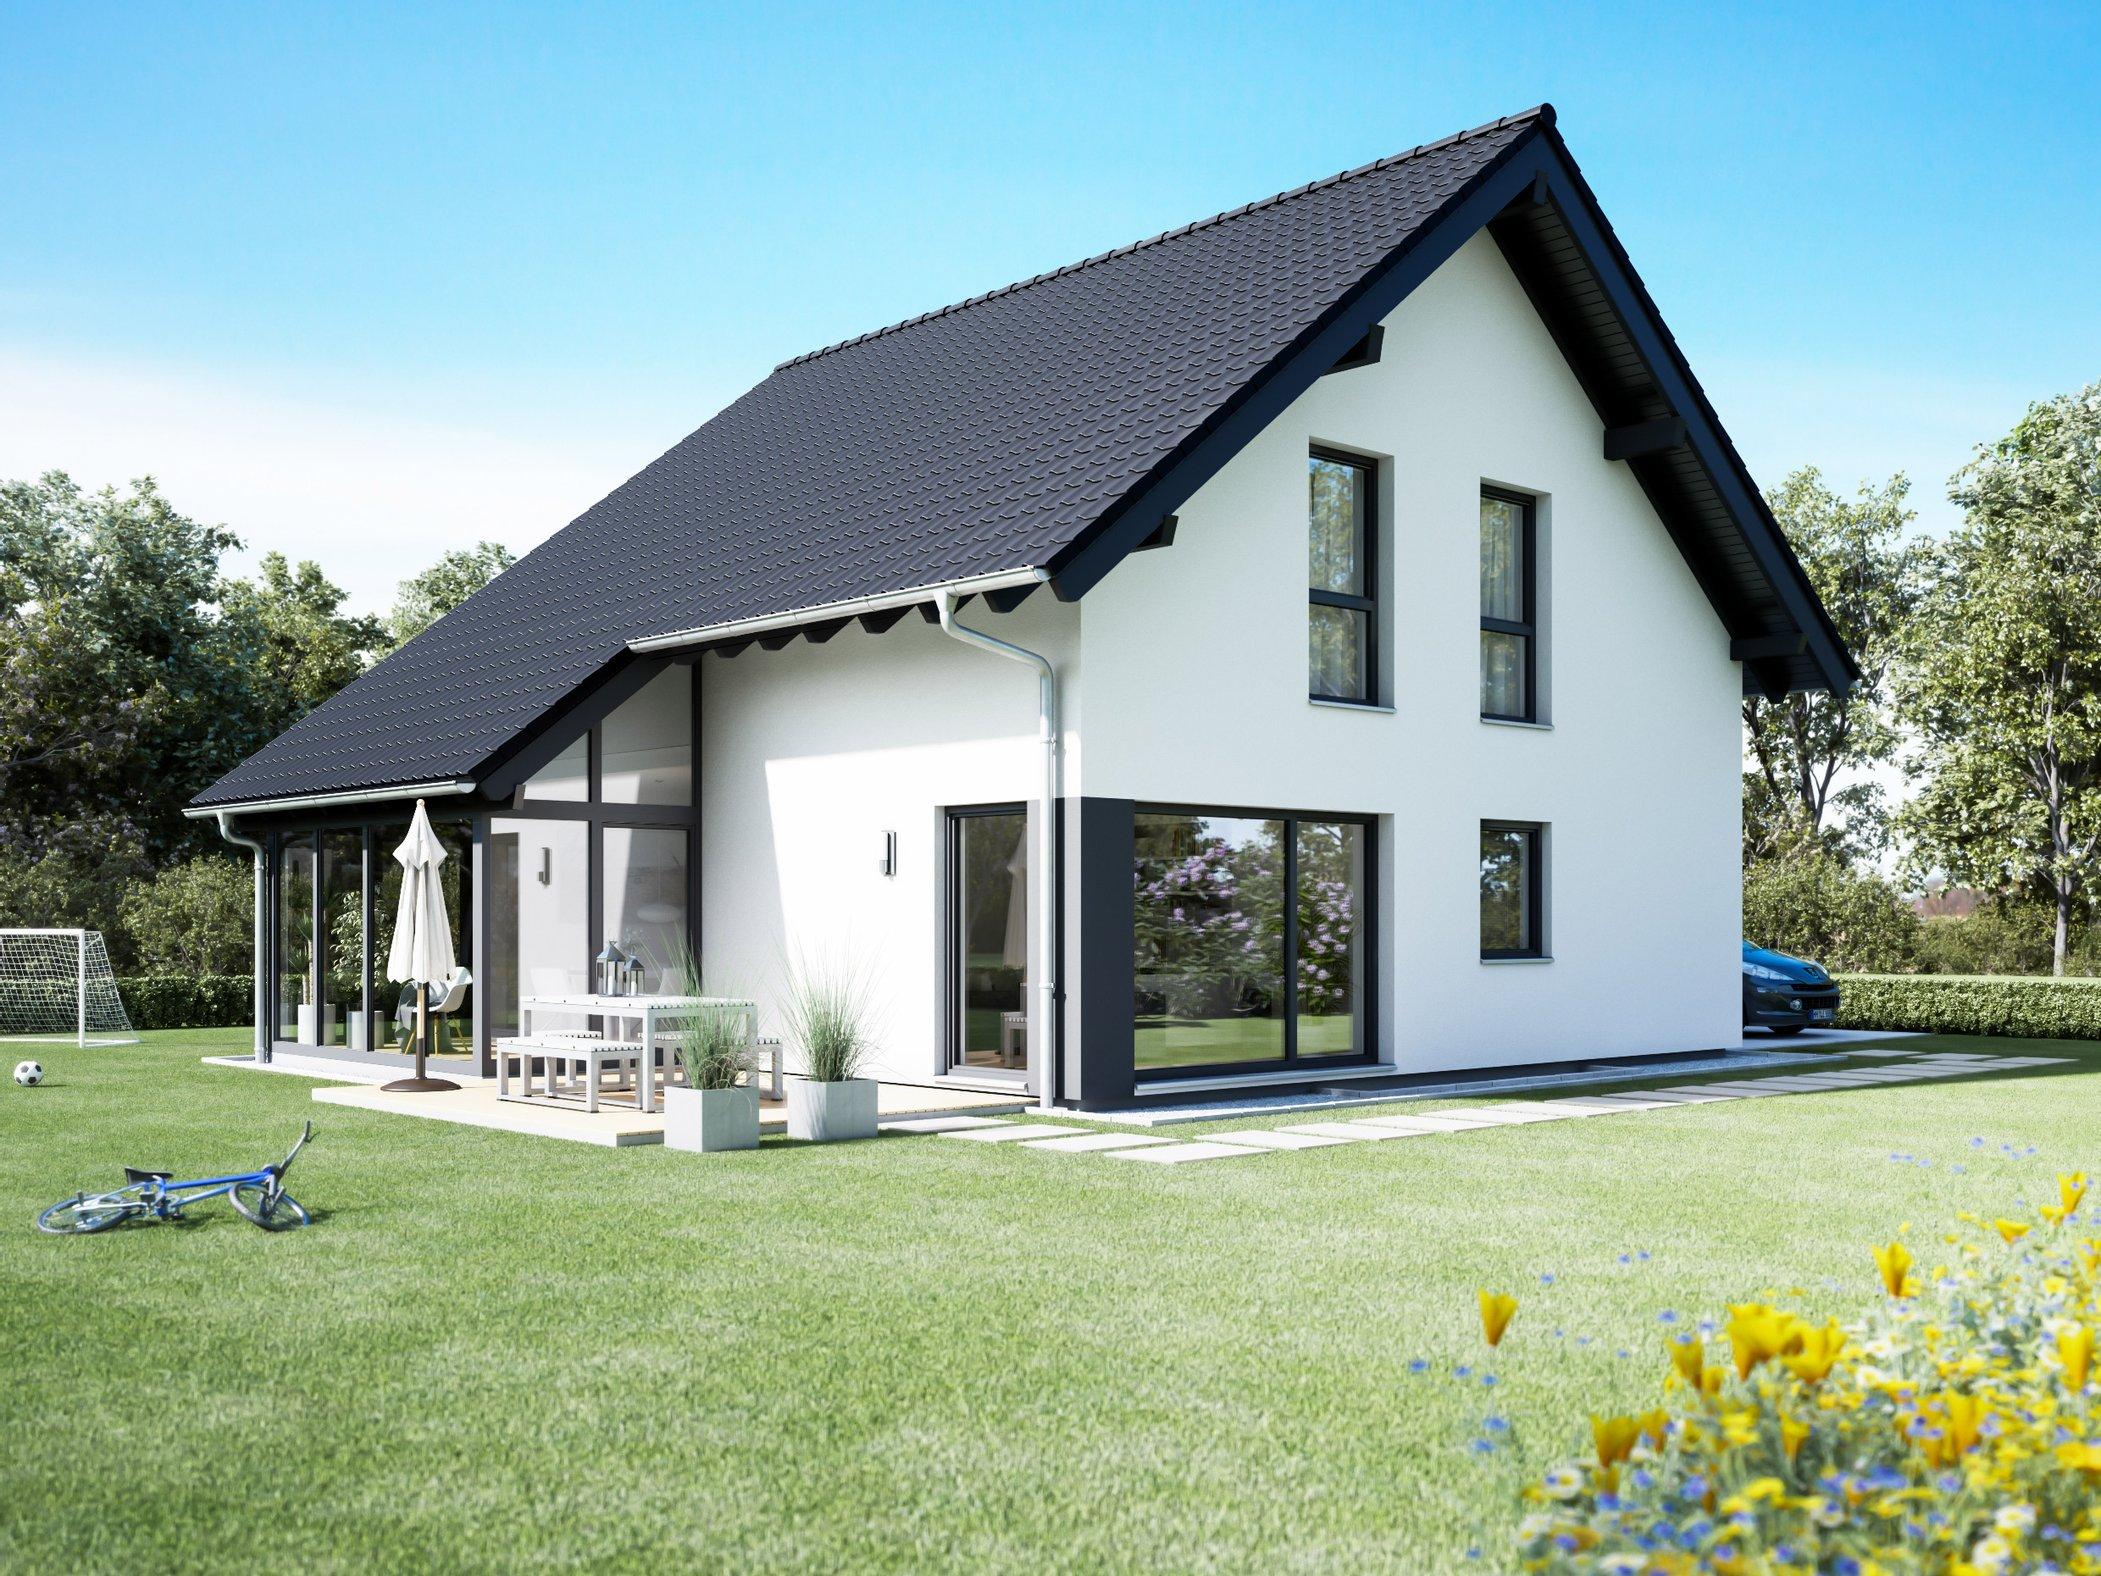 Ansicht des Hauses von FingerHaus GmbH